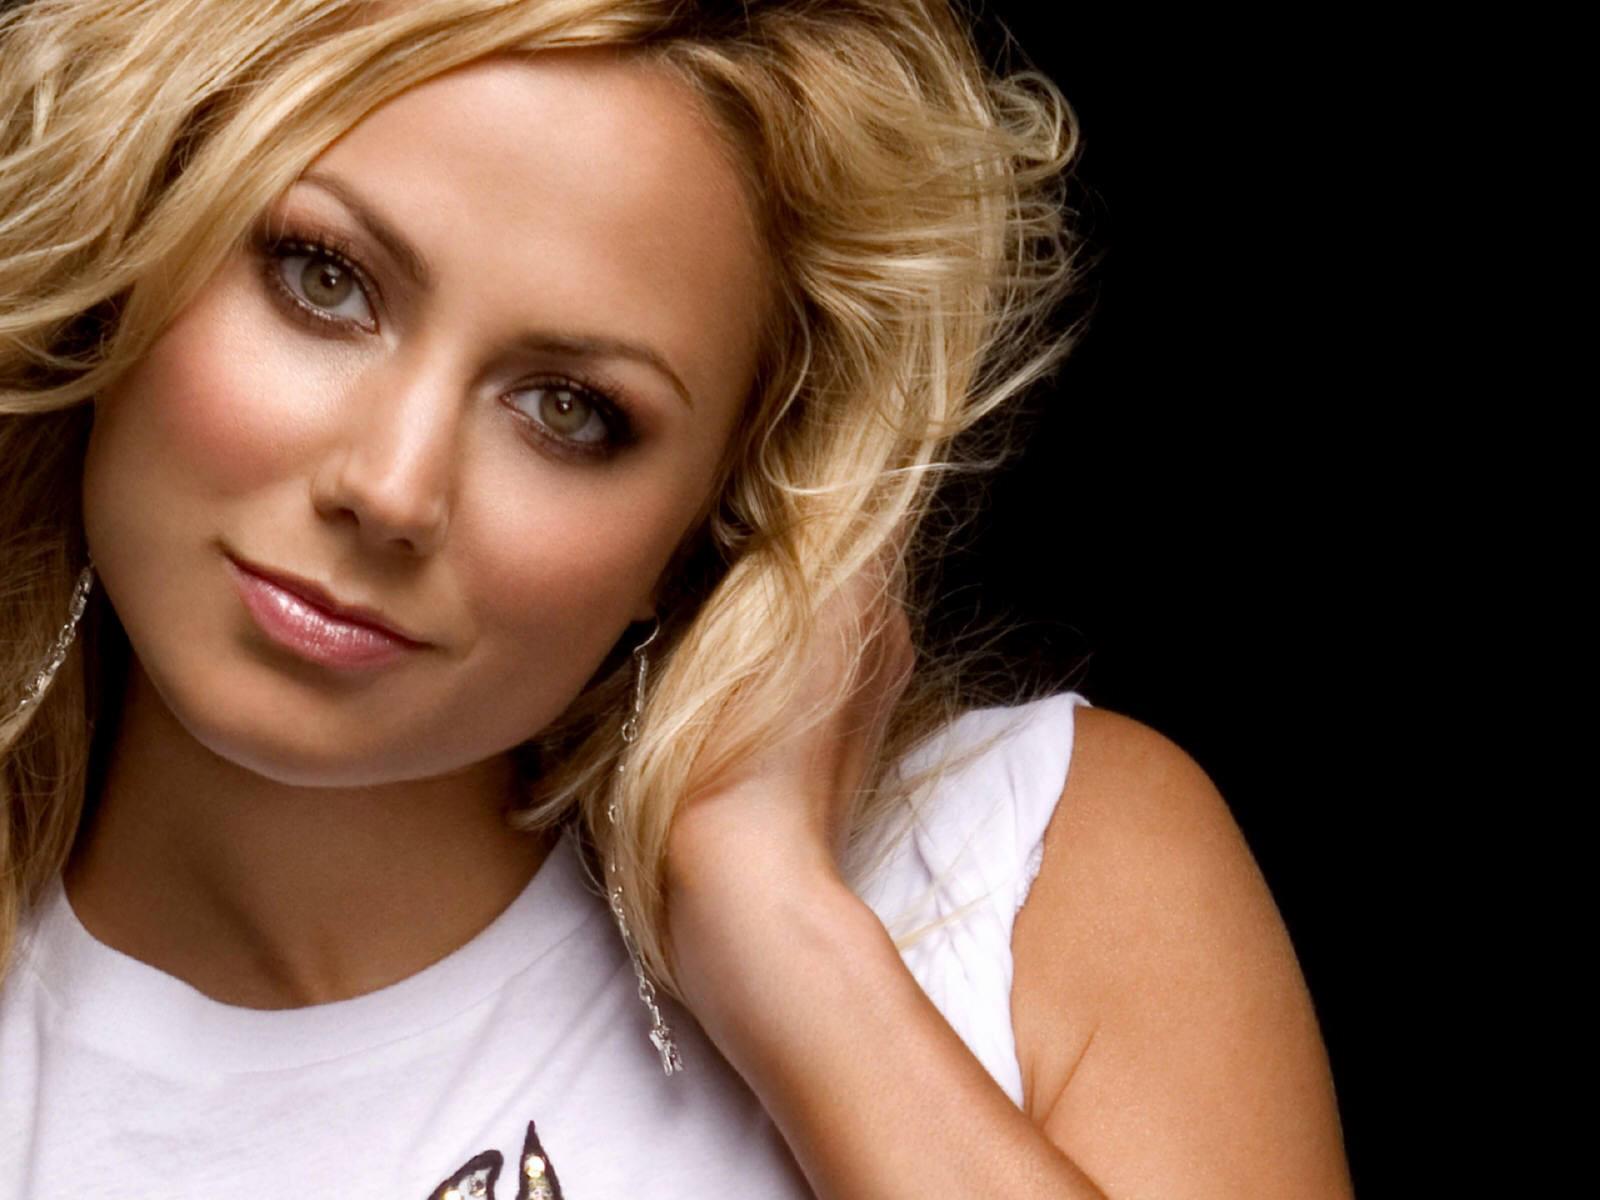 http://2.bp.blogspot.com/--DdvIzawKFU/TcYH9OPr91I/AAAAAAAAAPA/607RrCDfS6A/s1600/Stacy-Keibler.jpg